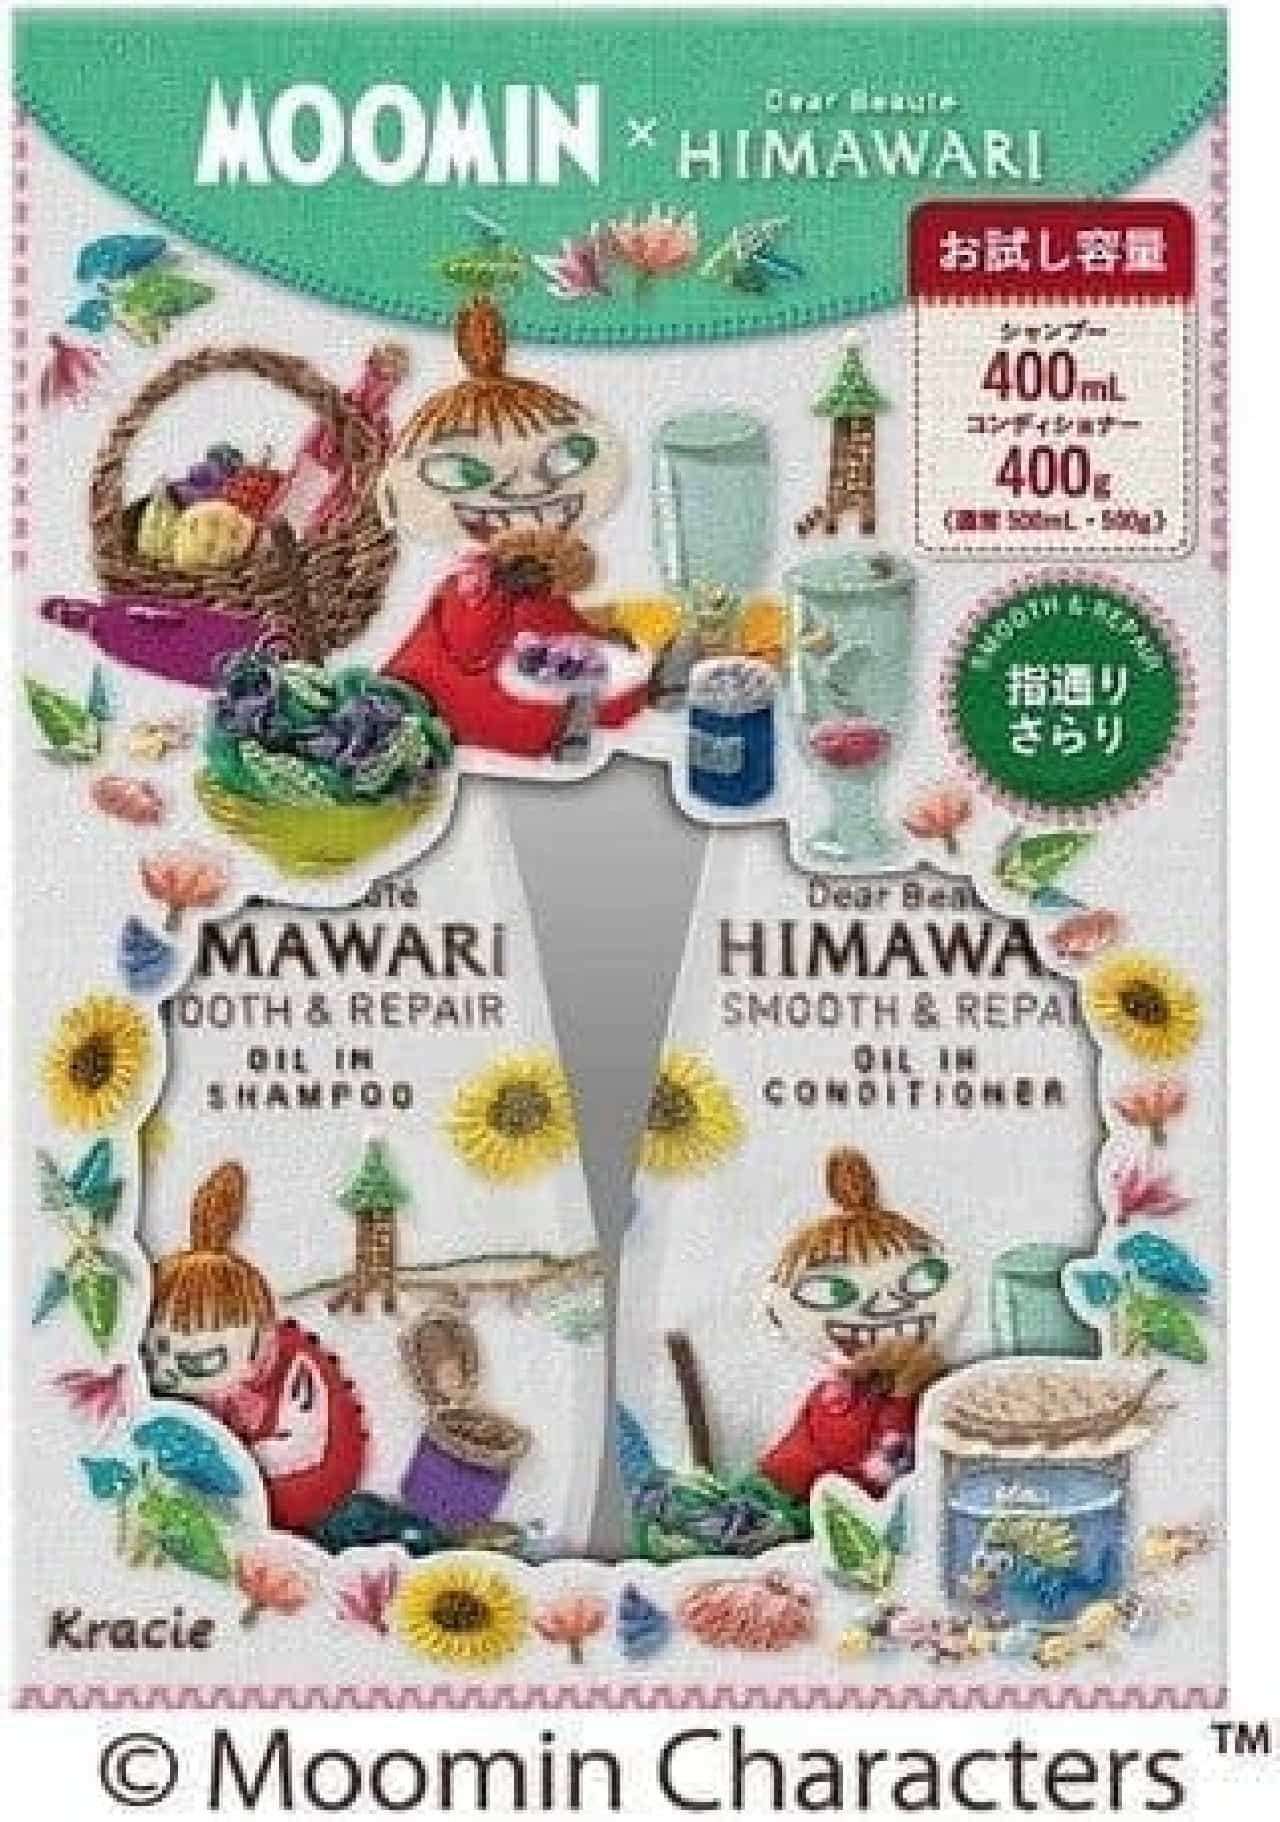 ディアボーテHIMAWARI「スムース&リペア」の「ムーミン刺繍デザイン」オイルインシャンプー&オイルインコンディショナー